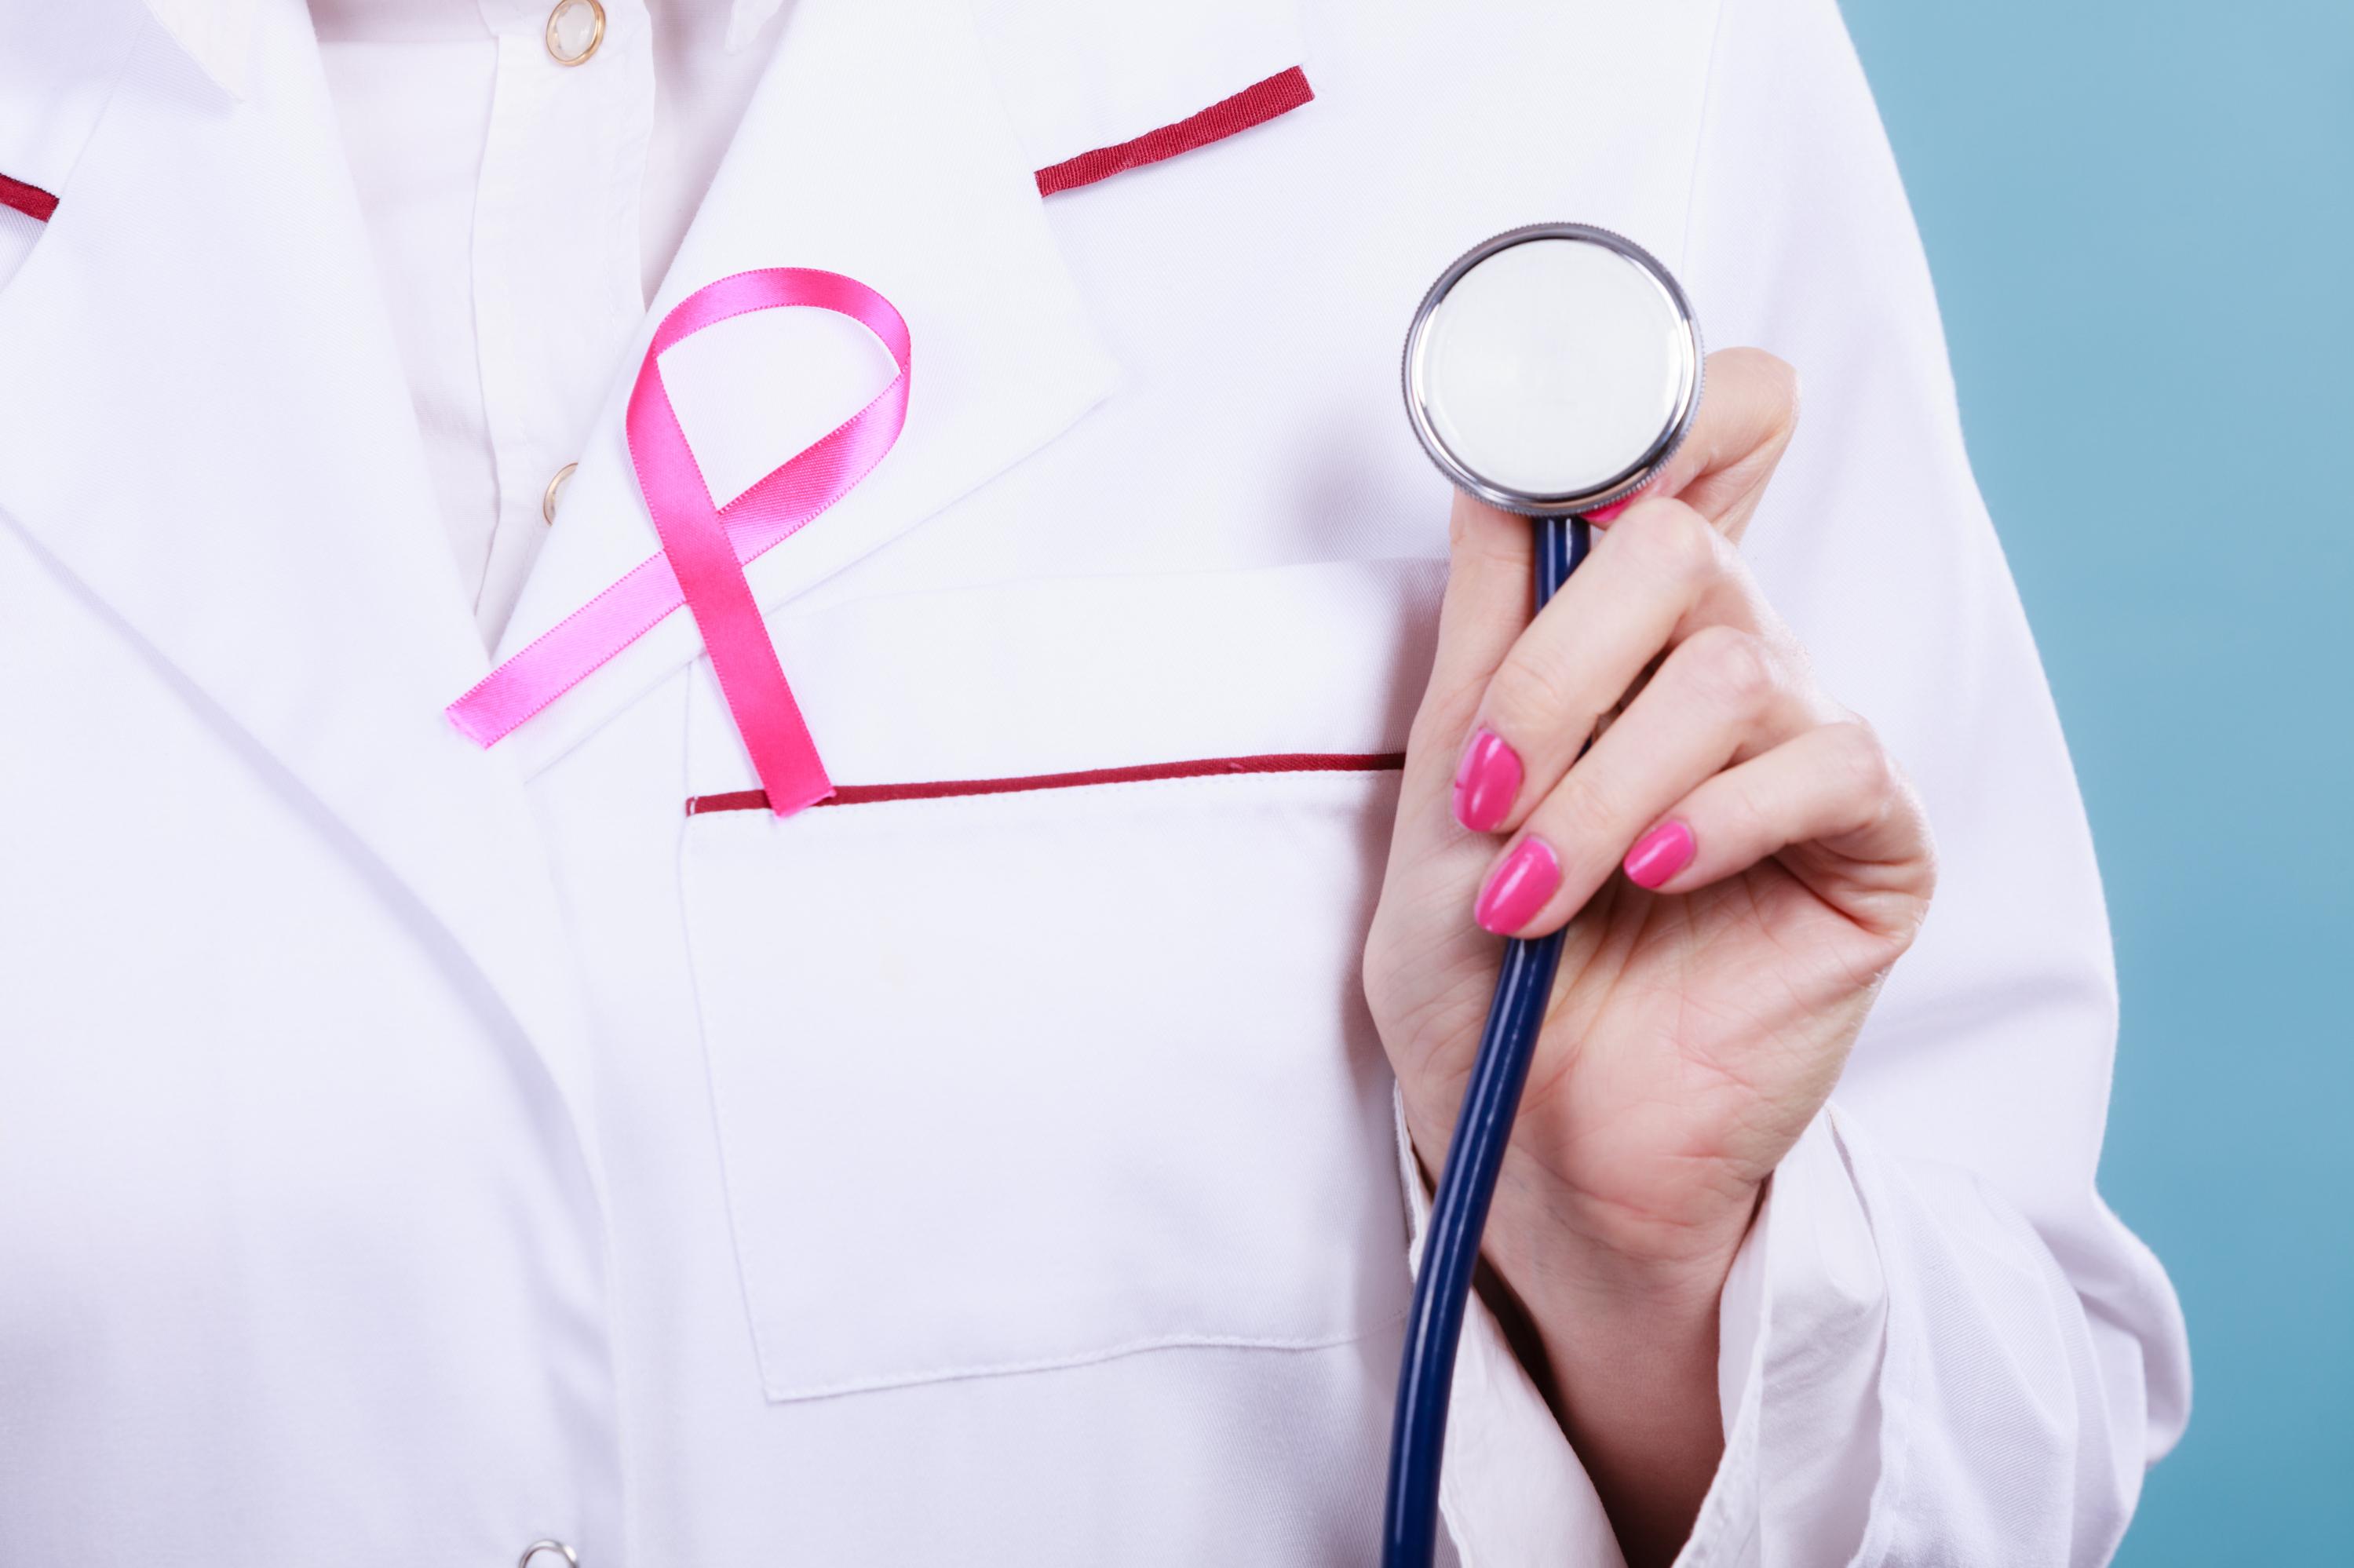 治療 乳がん 費用 放射線